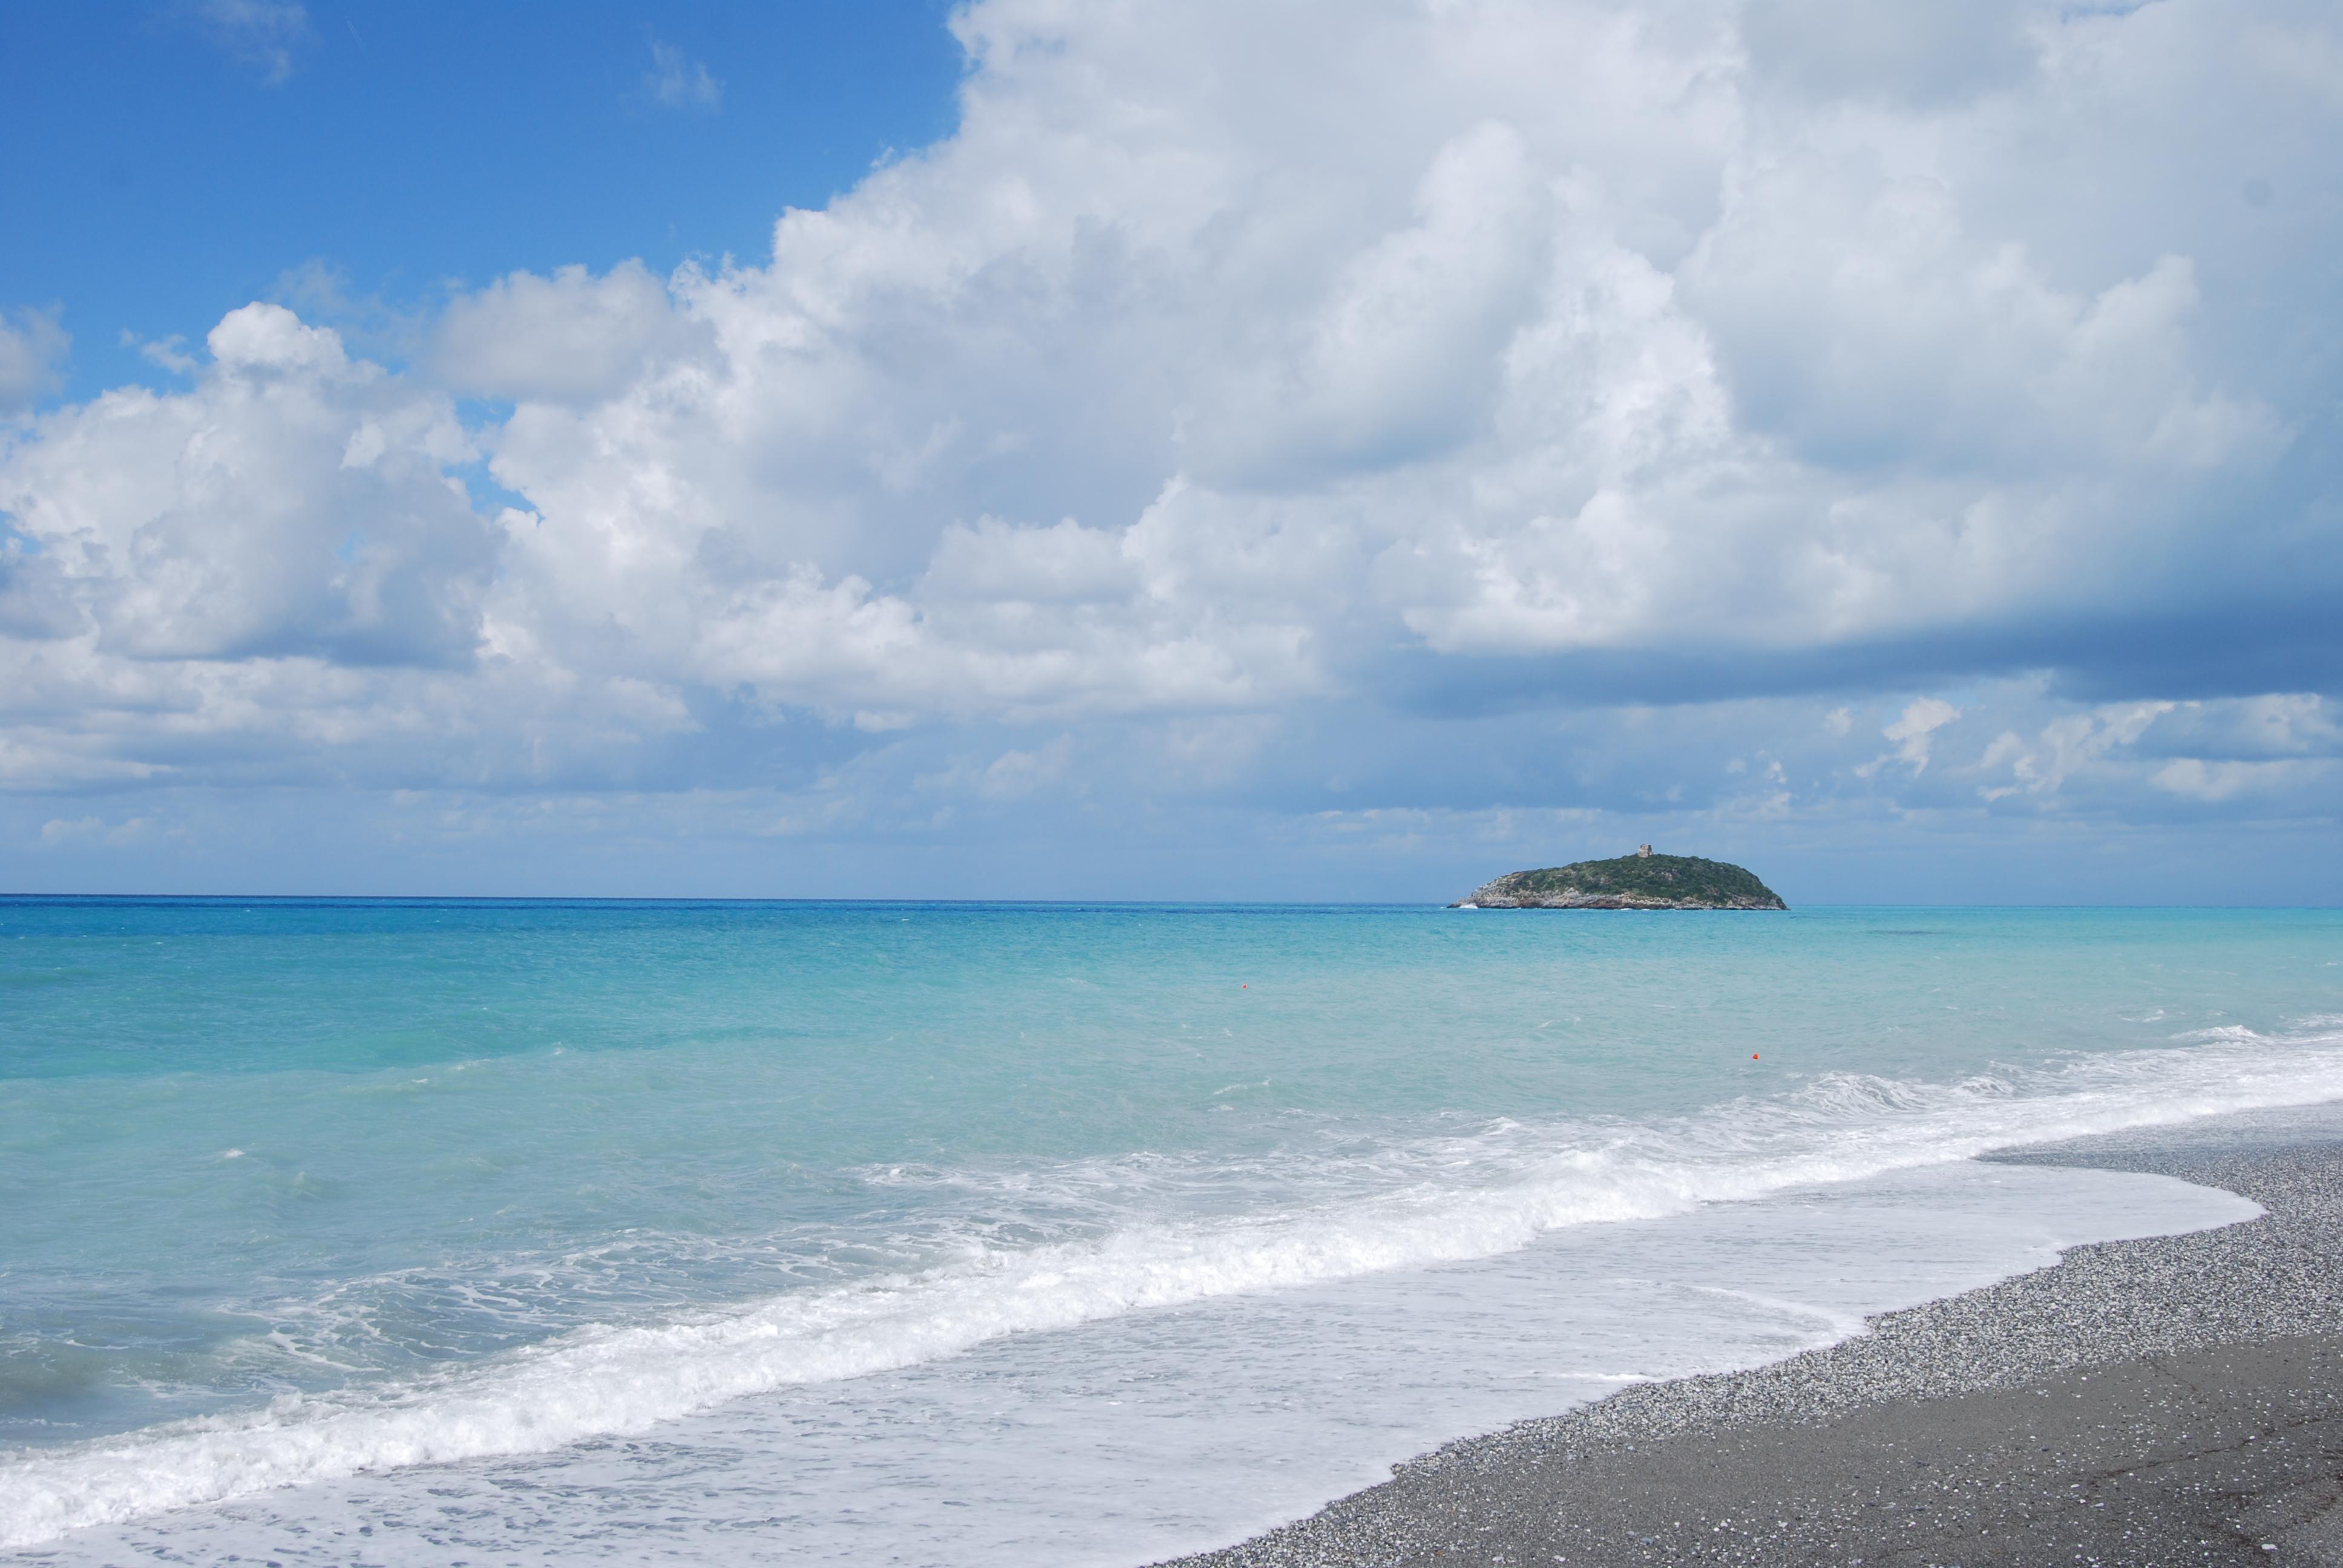 Isola_di_Cirella_-_(1).jpg